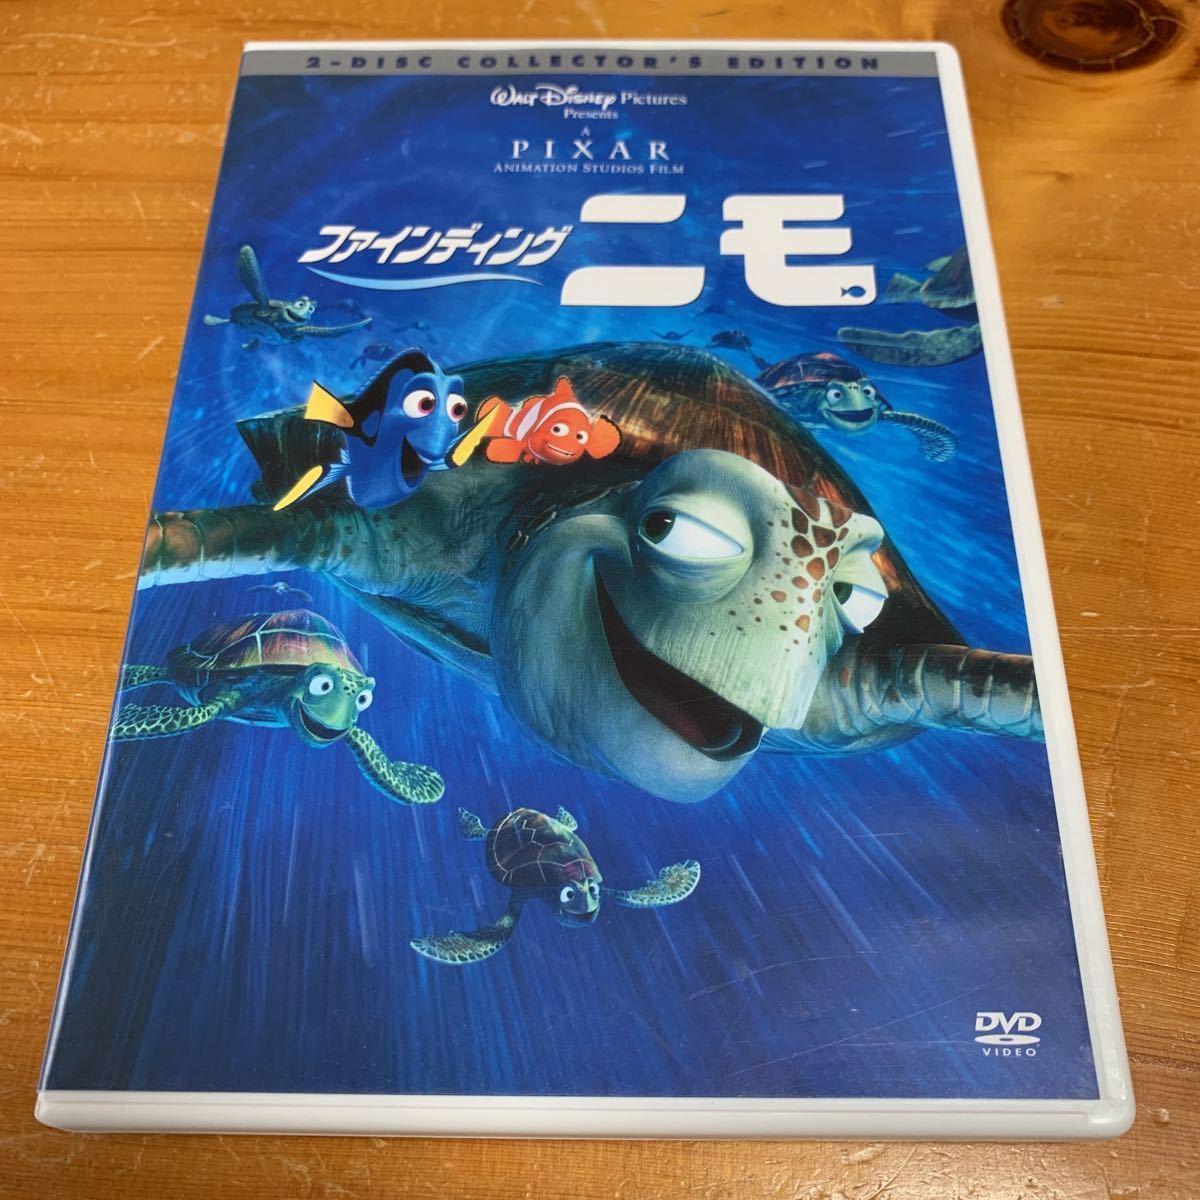 ファインディング ニモ DVD 映画 Disney ウォルトディズニー スタジオジャパン 中古 美品 送料無料